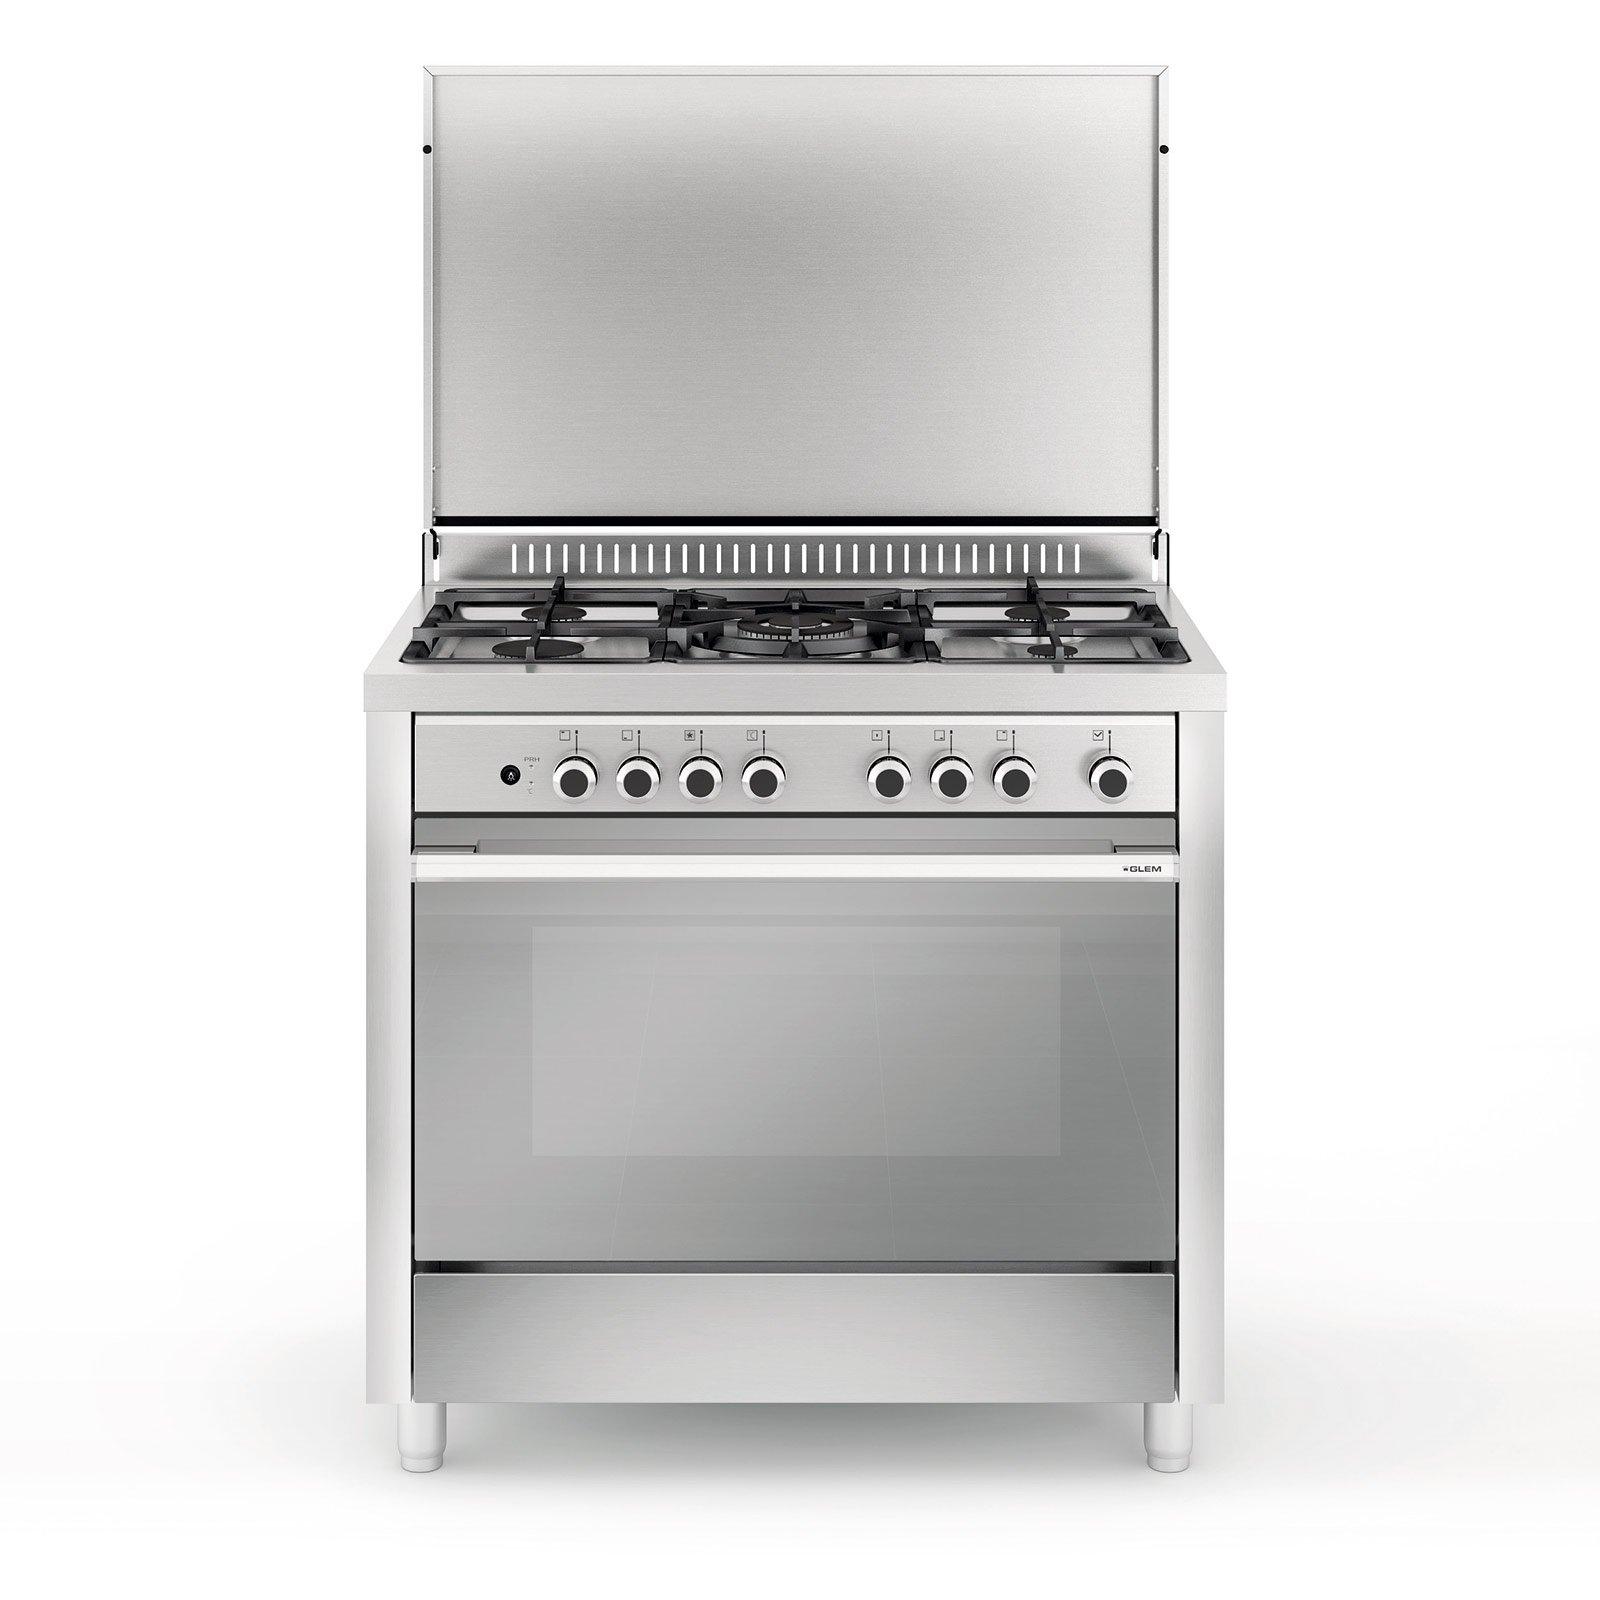 Cucina monoblocco piano cottura e forno tutto in uno - Ariston cucine a gas ...